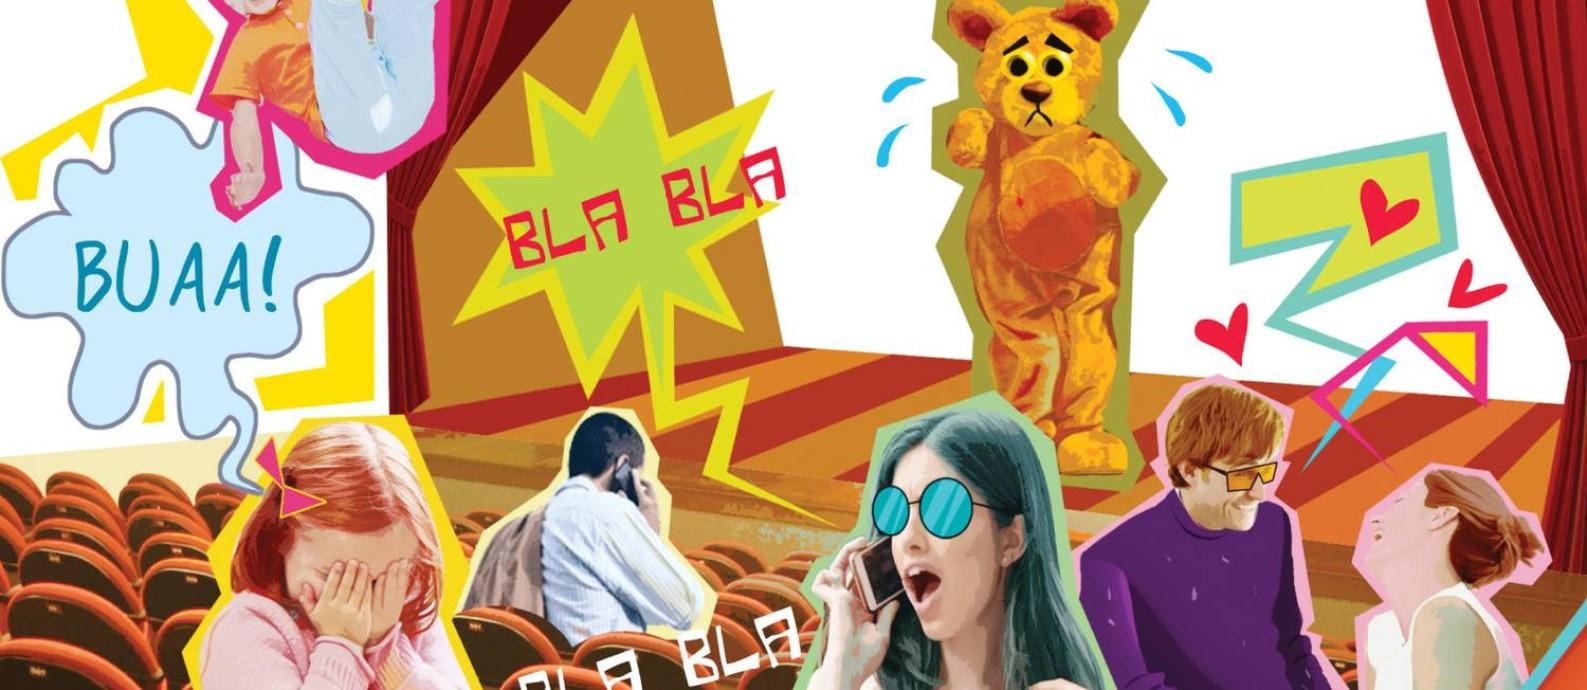 Em espetáculos infantis, plateia acha que pode falar alto e se entreter com celular Foto: Arte de André Mello / Agência O Globo